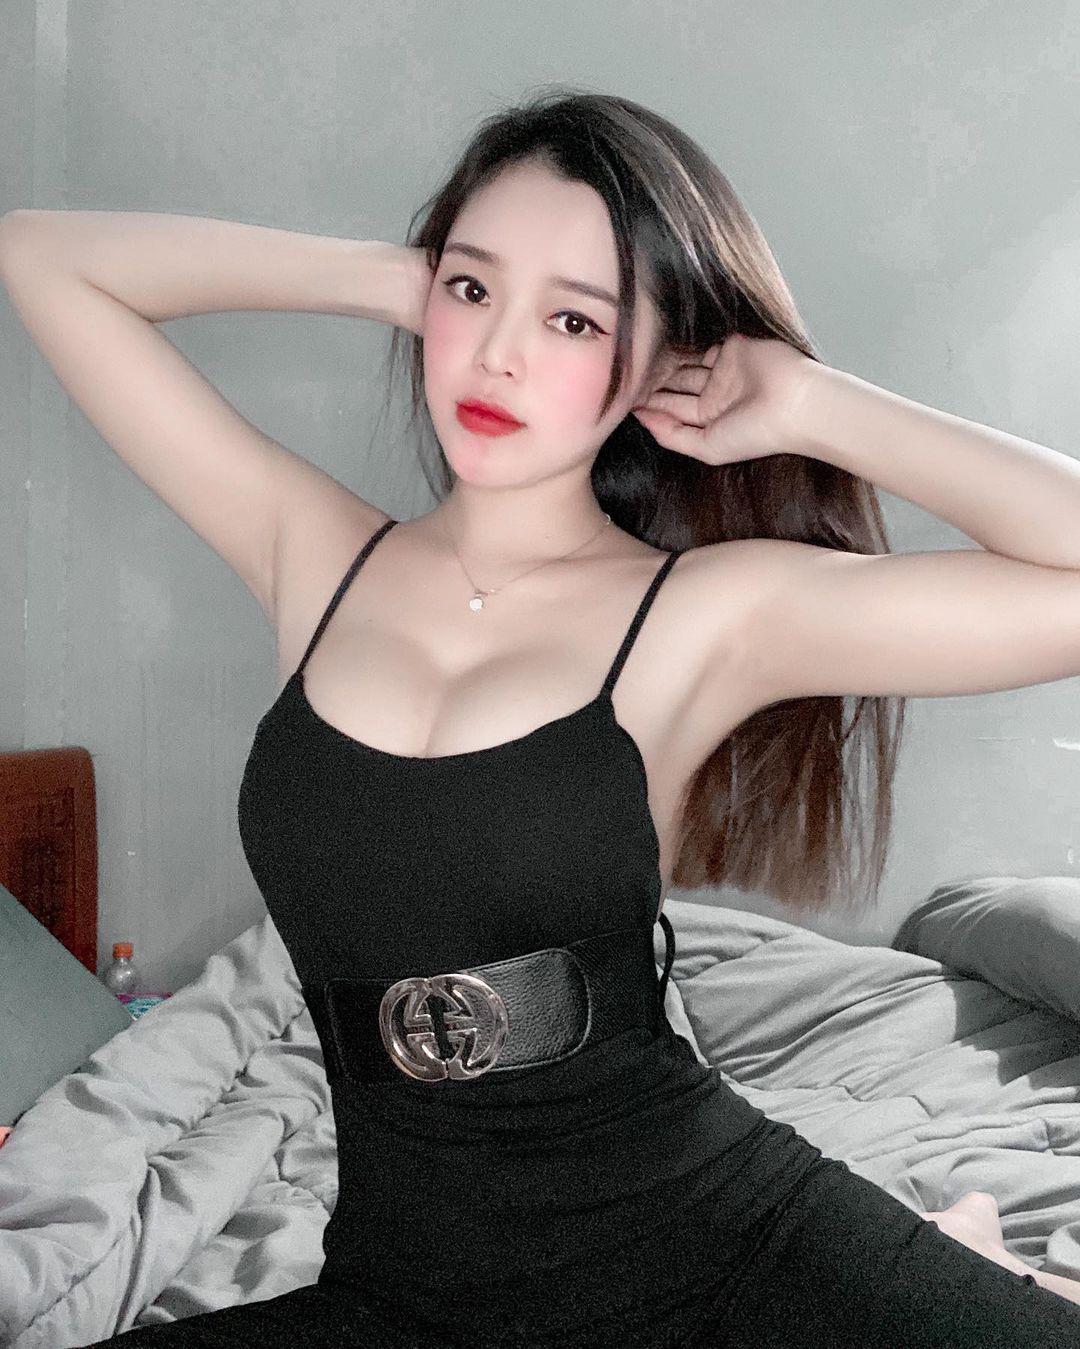 Yuki xin